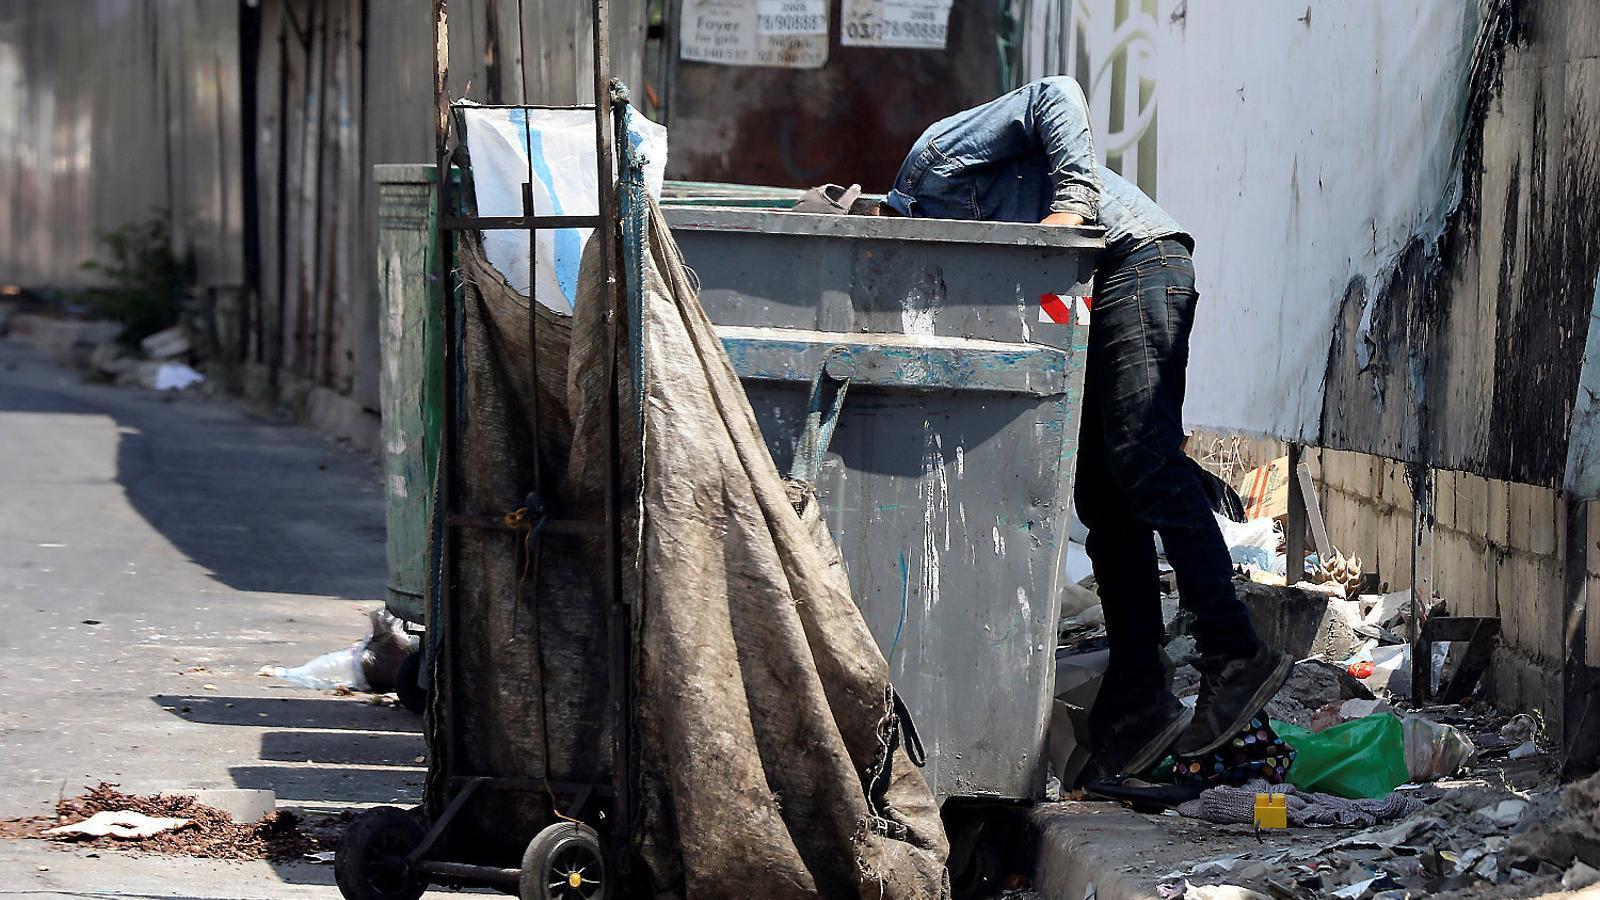 Un home remenant un contenidor d'escombraries en un carrer del Líban.